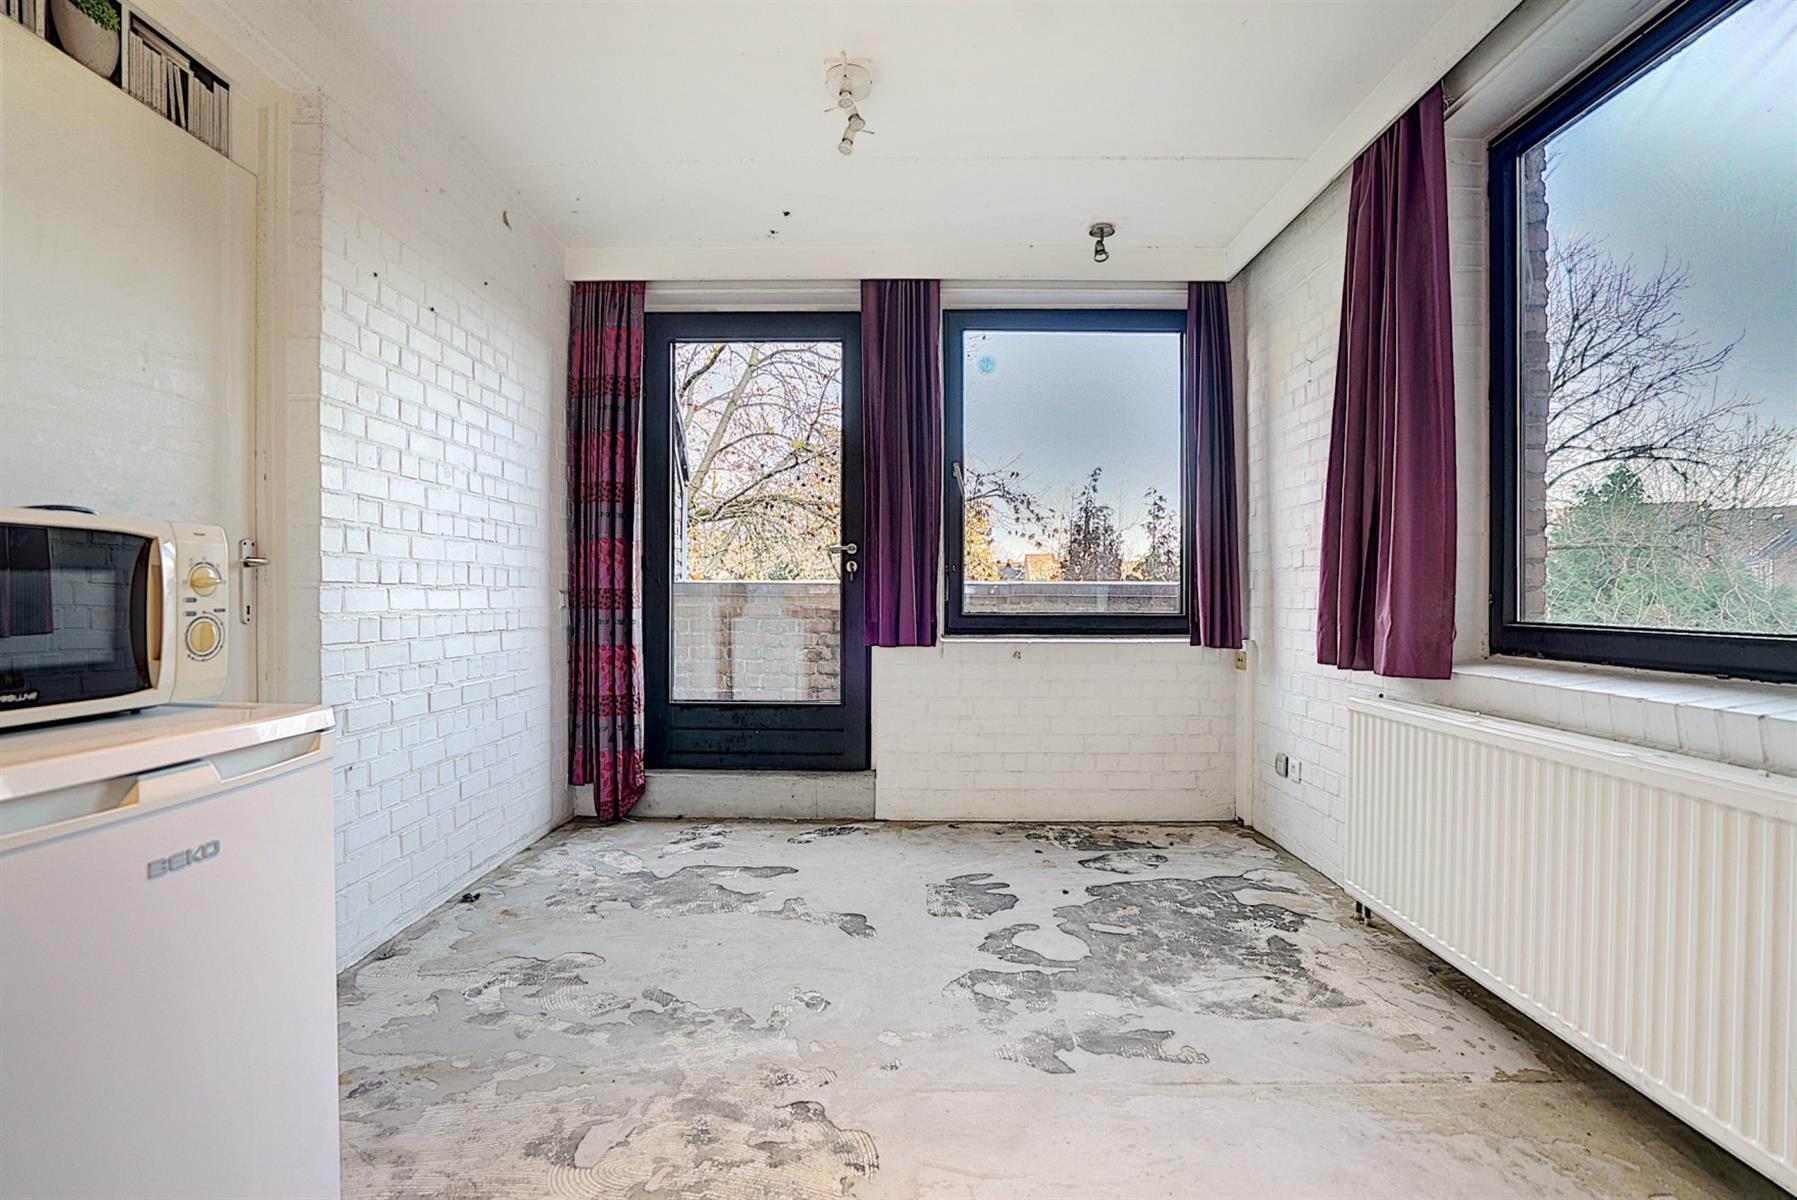 Appartement - Ottignies-Louvain-la-Neuve Louvain-la-Neuve - #4208592-6